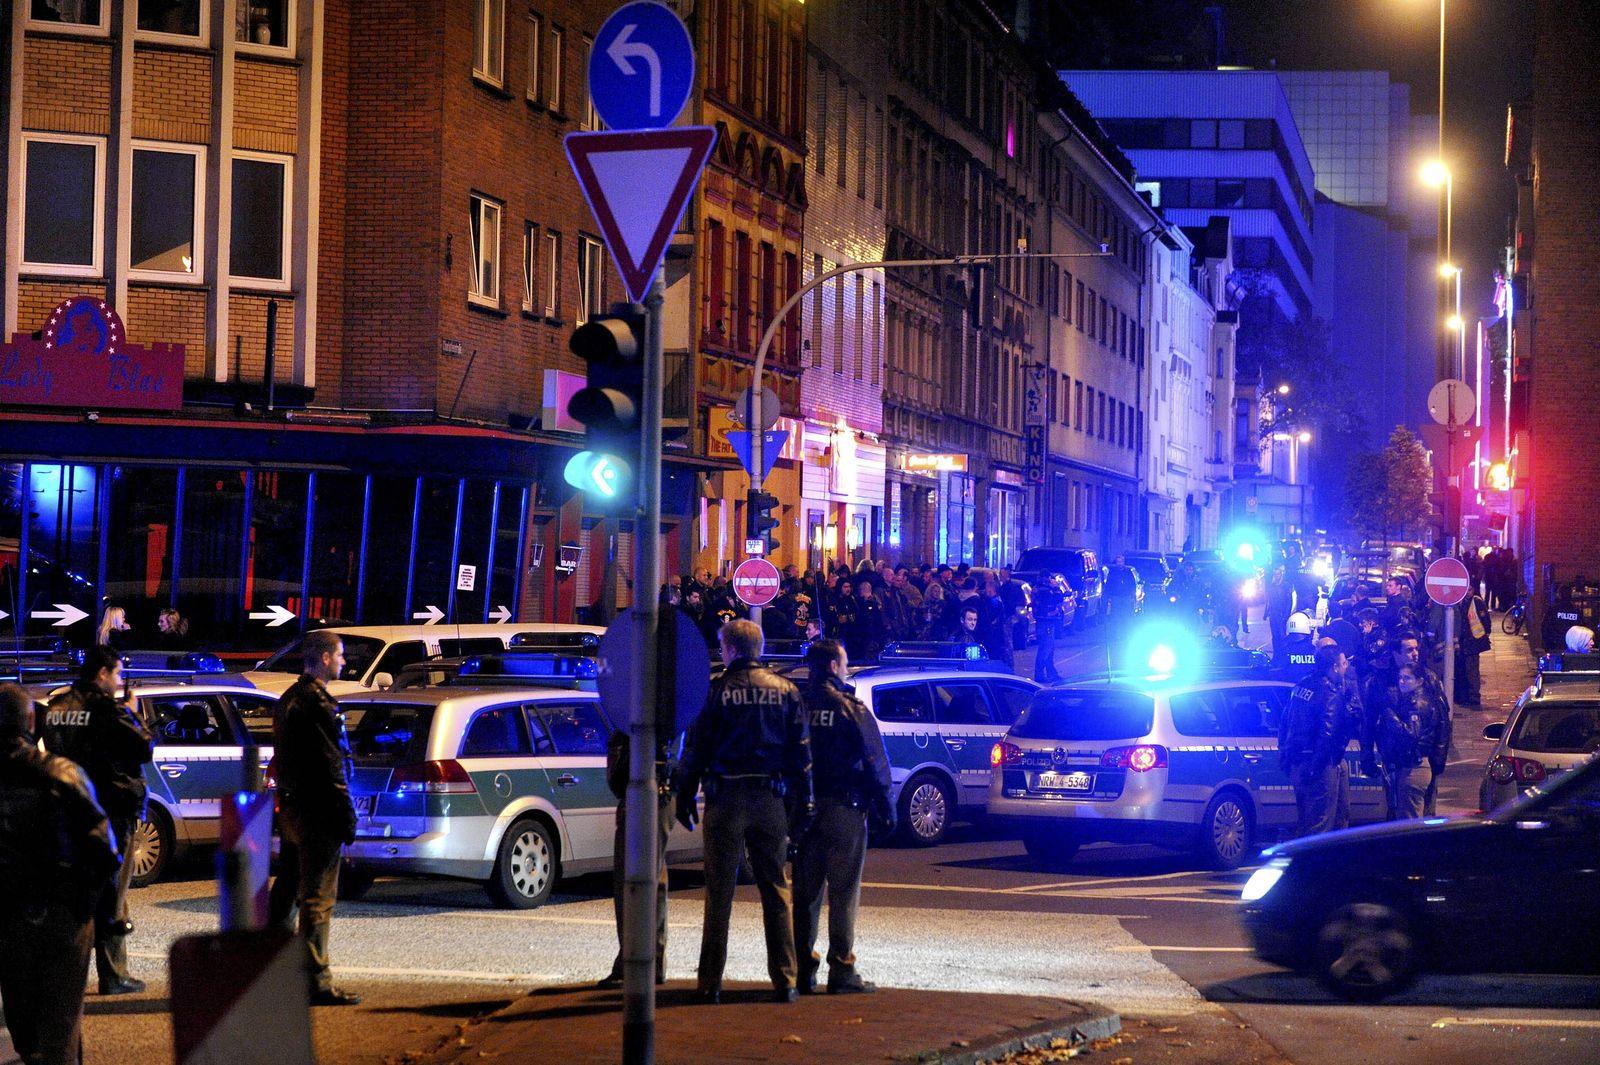 NICHT VERWENDEN Duisburg / Hells Angels / Banditos